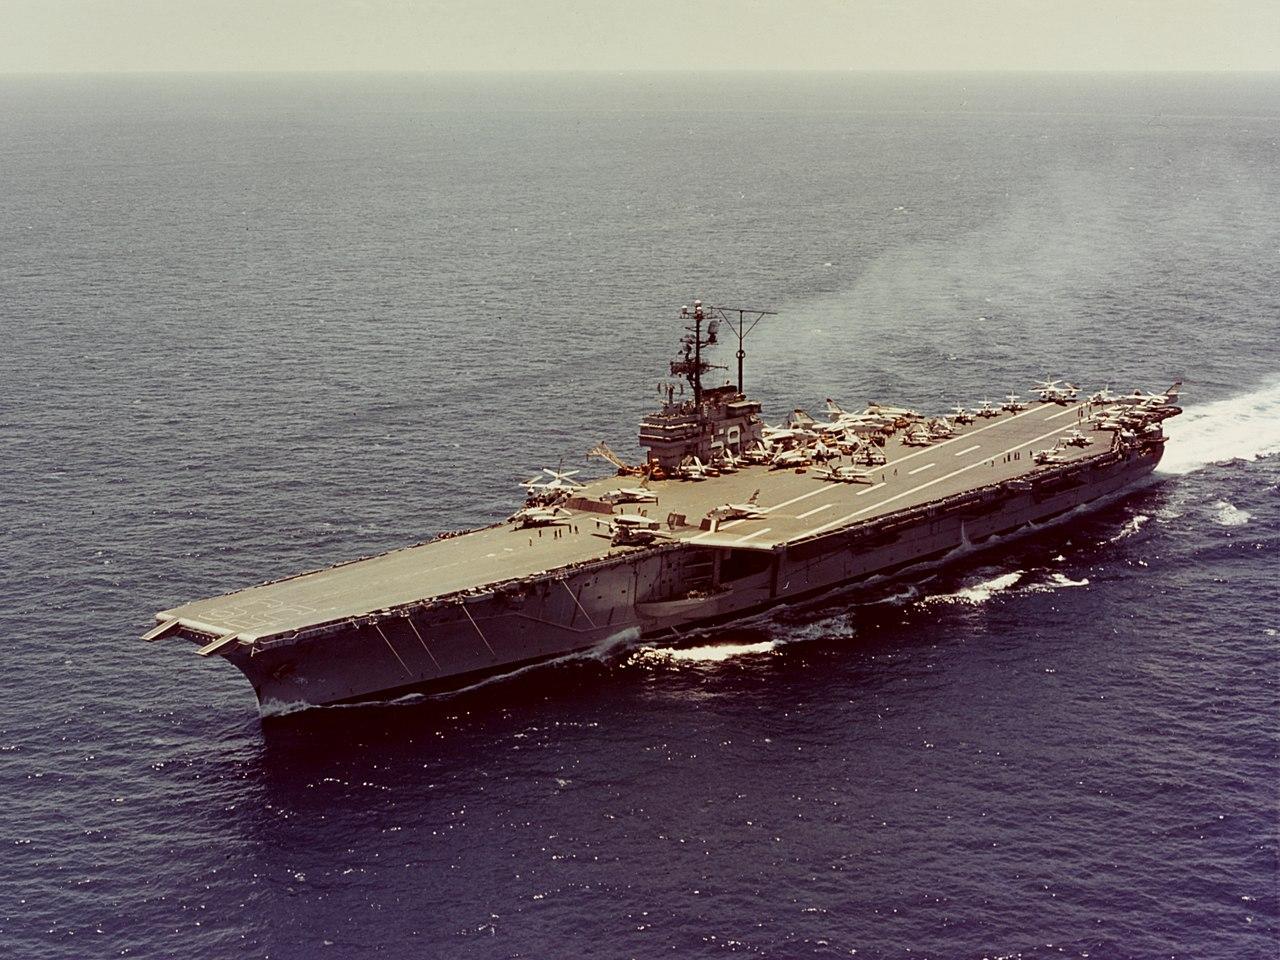 偷袭珍珠港美国损失_日本偷袭珍珠港时为何不见美国航母?恰巧出任务,但也可能是 ...